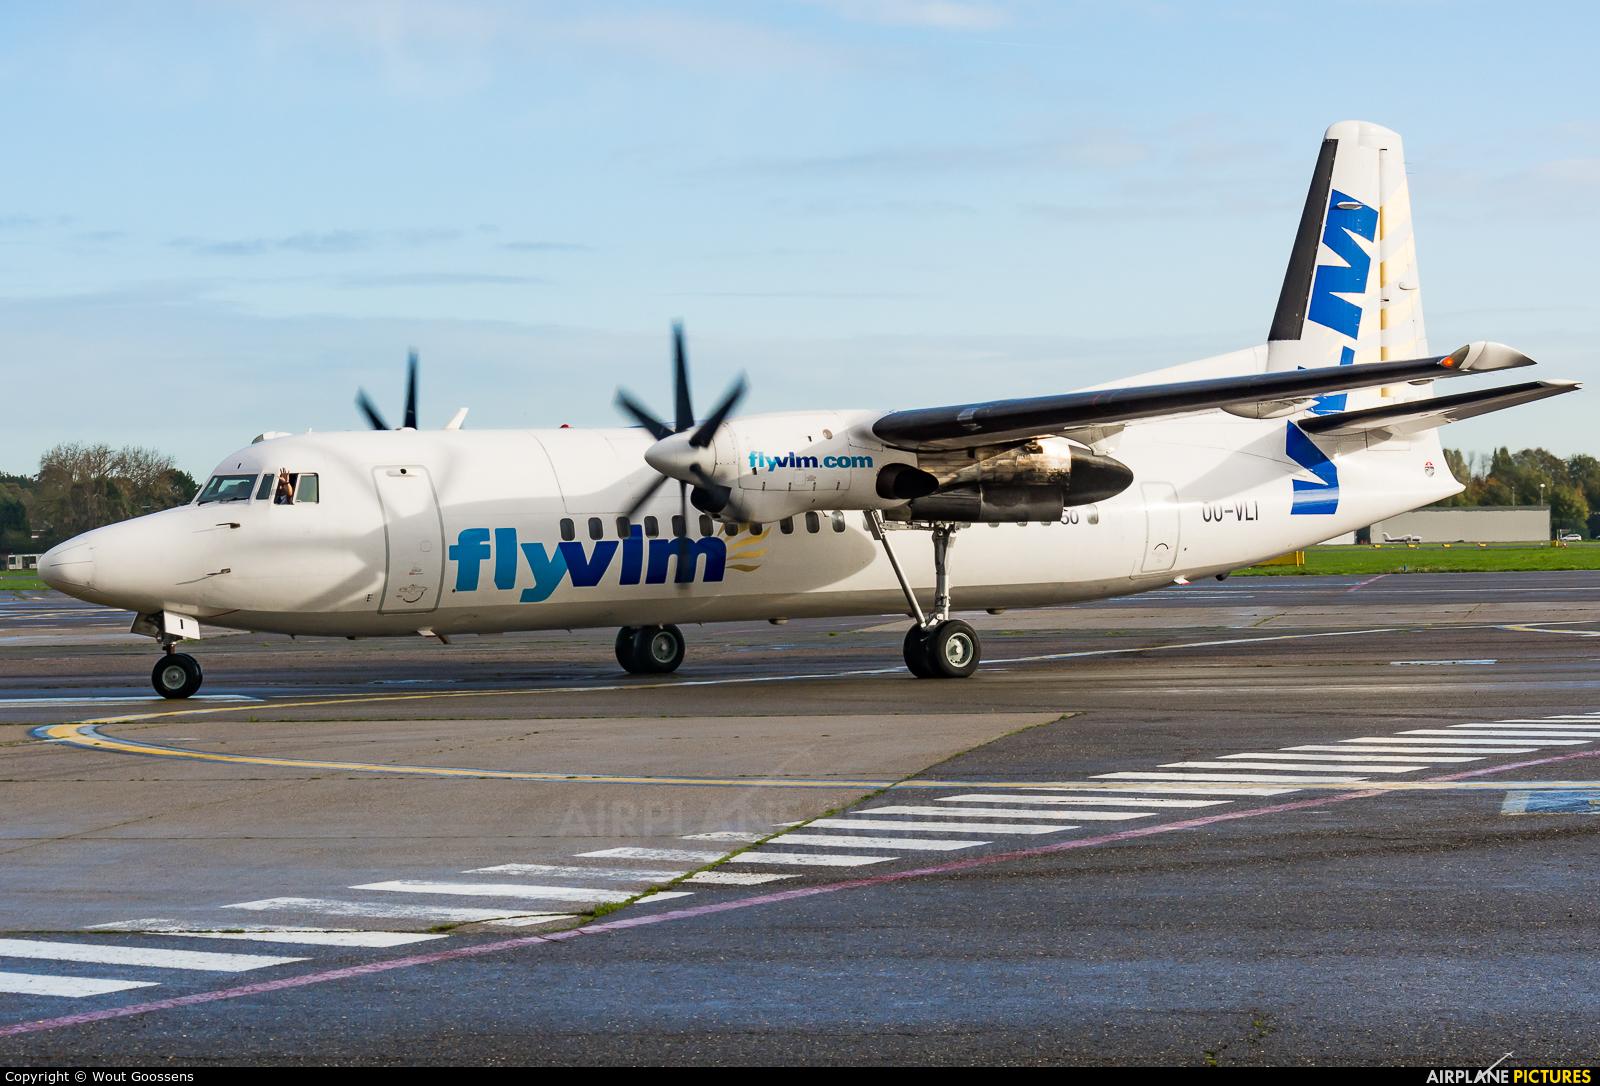 VLM Airlines OO-VLI aircraft at Antwerp - Deurne